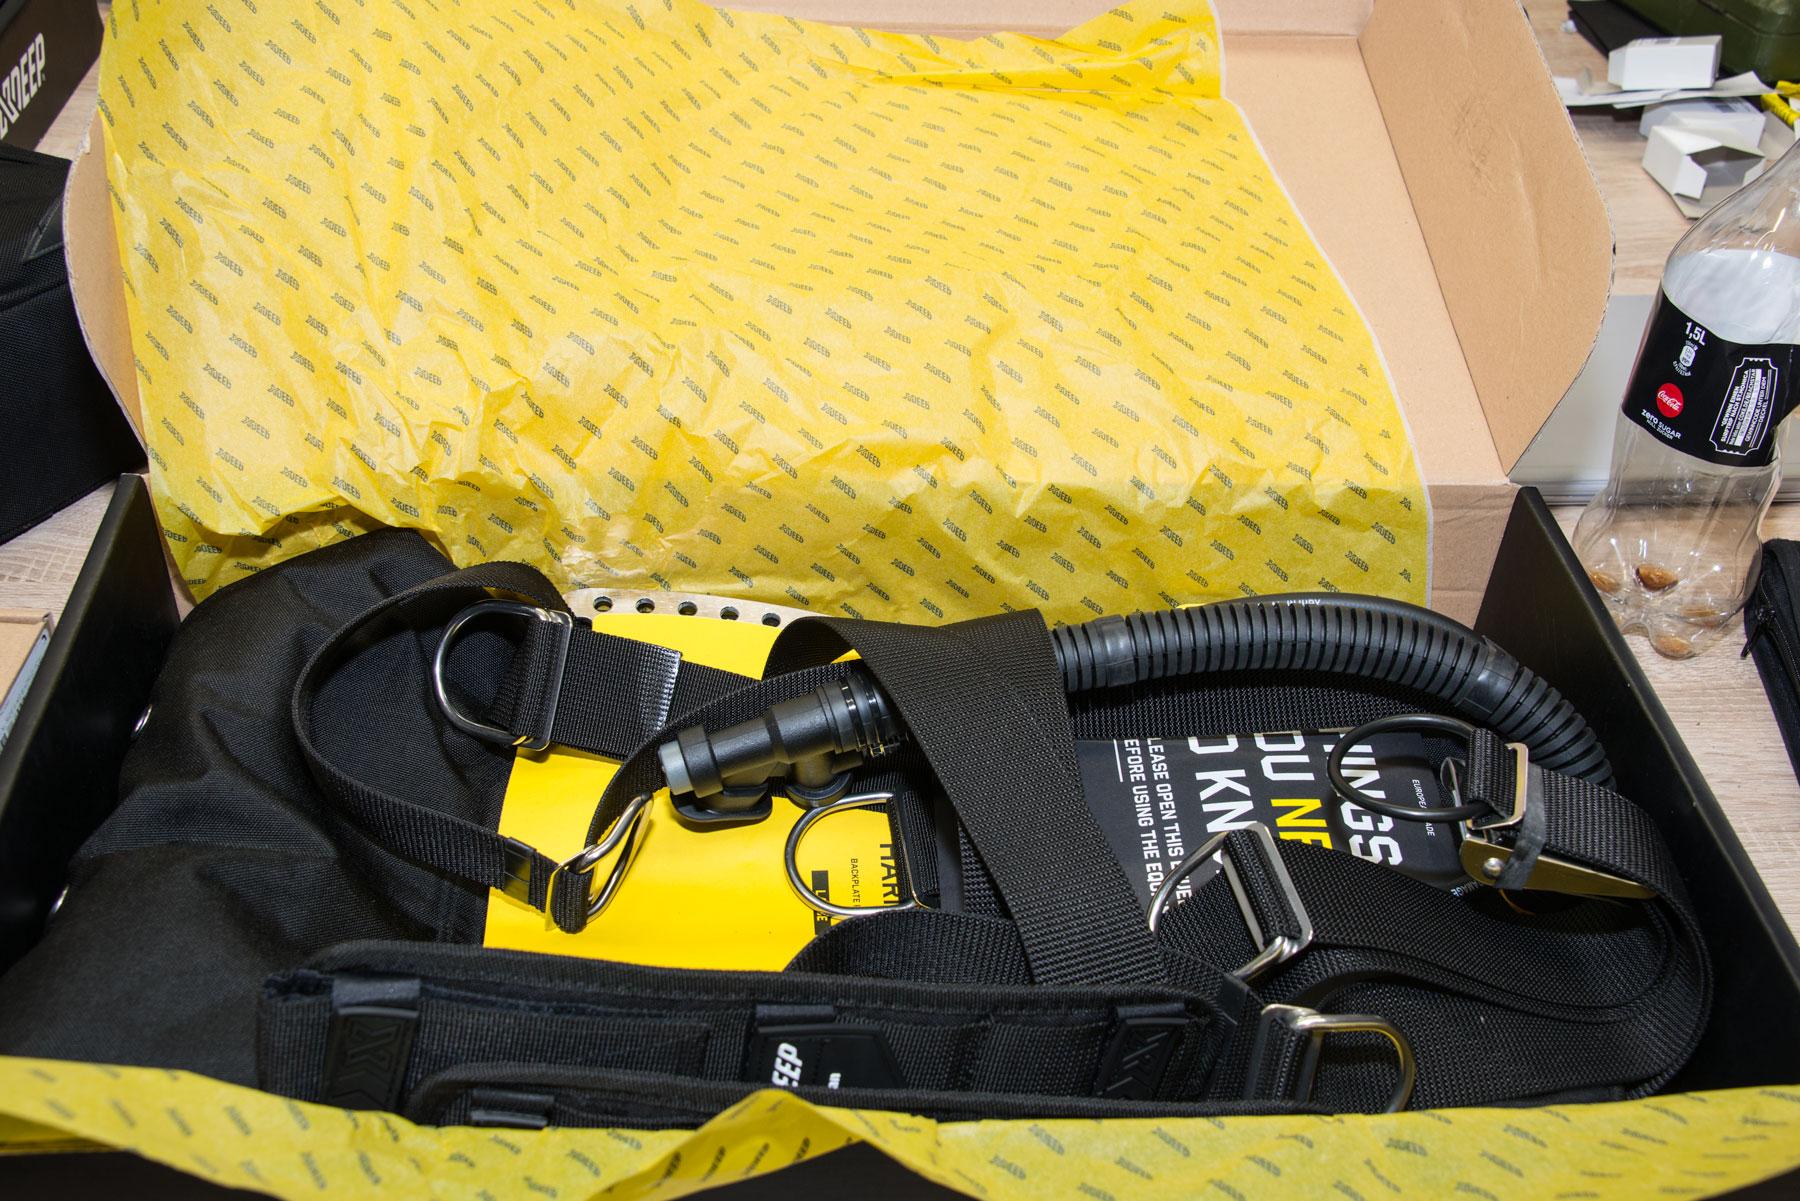 Tec Ausrüstung Harness und Wing